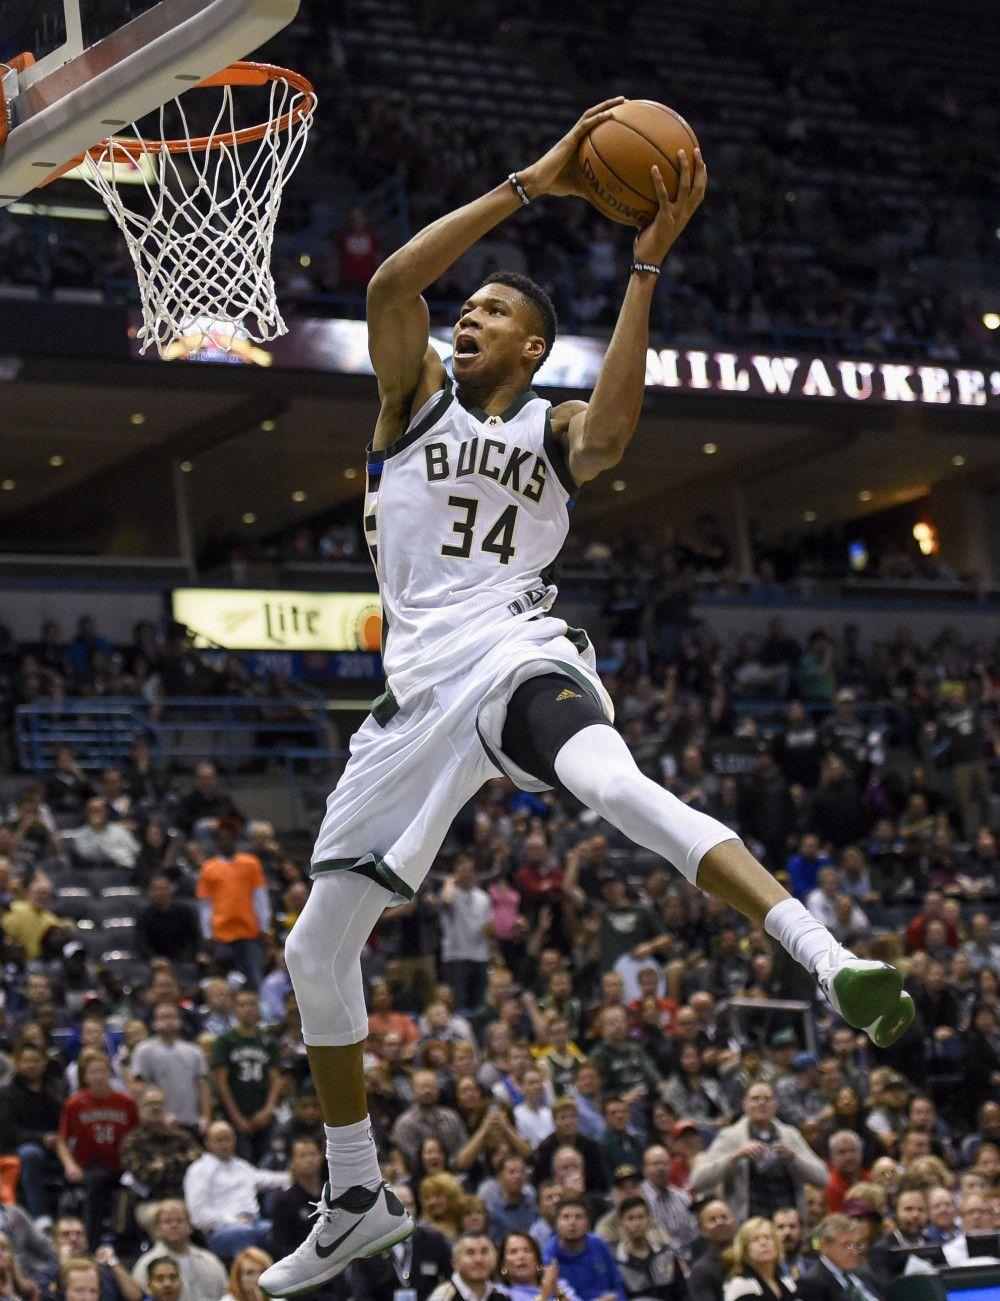 Benny Sieu Usa Today Sports Nbabasketballplayer Usa Today Sports Basketball Workouts Sports Basketball